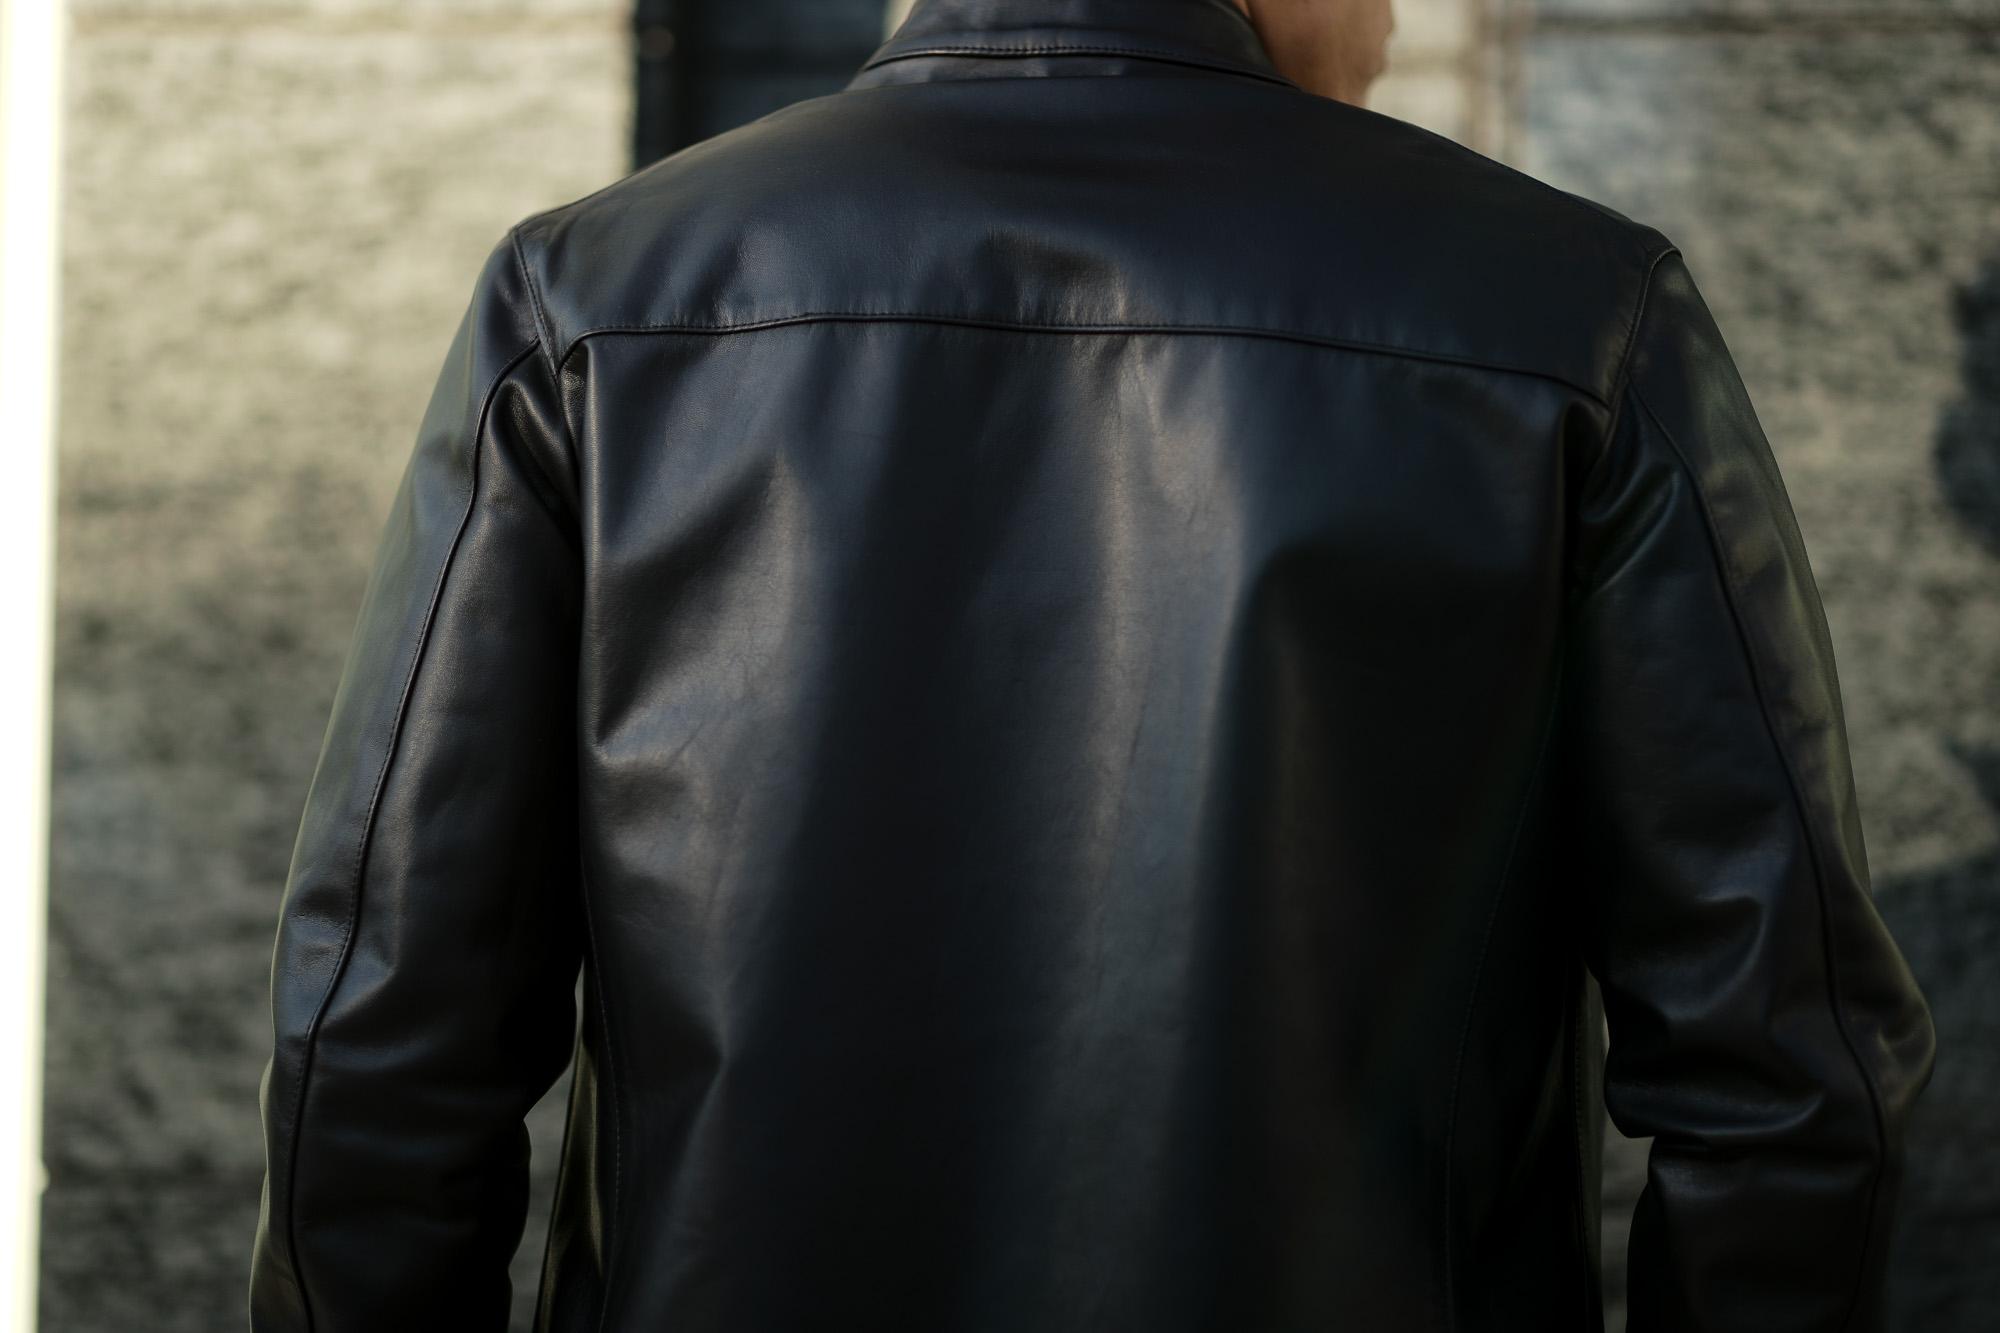 CINQUANTA (チンクアンタ) H502 STAND COLLAR RIDERS CAVALLO (スタンド カラー ジャケット) HORSE LEATHER ホースレザー リネンライニング シングル ライダース ジャケット BLACK SILVER (ブラックシルバー・999) Made in italy (イタリア製) 2019 春夏新作 cinquanta チンクアンタ レザージャケット 愛知 名古屋 東京 大阪  Alto e Diritto アルト エ デリット